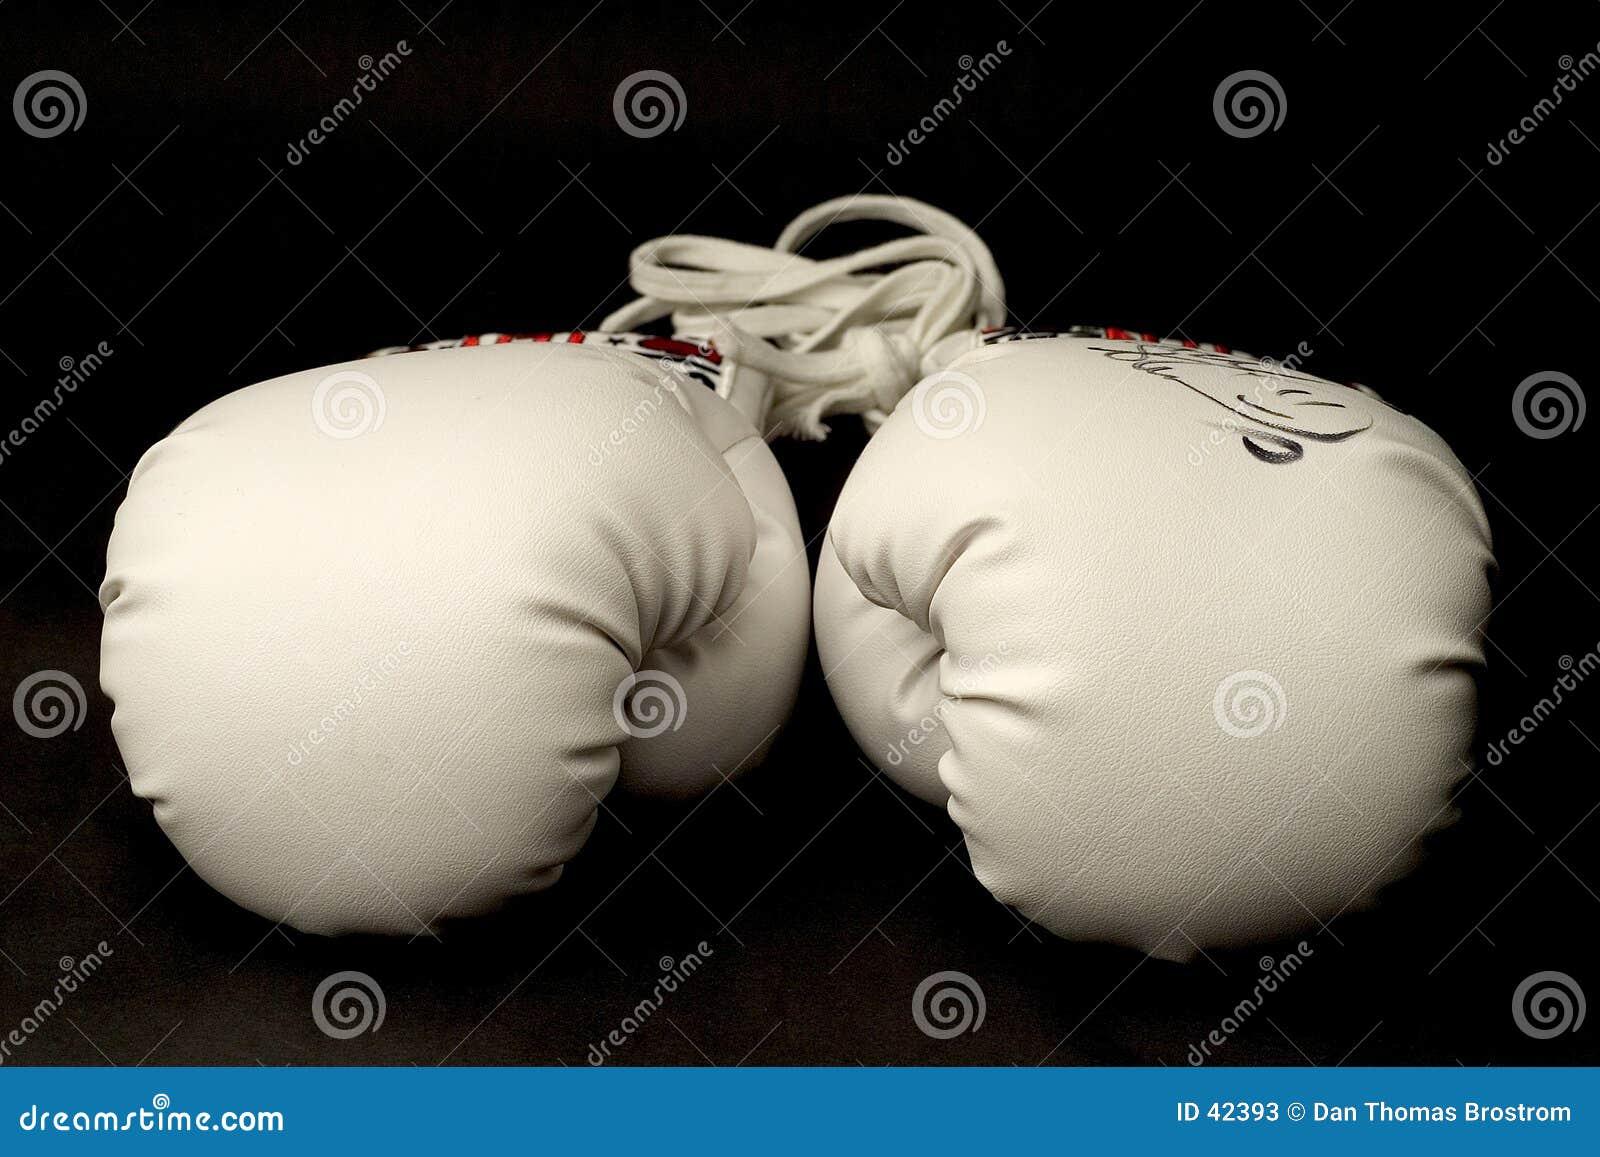 Stillstehende Handschuhe